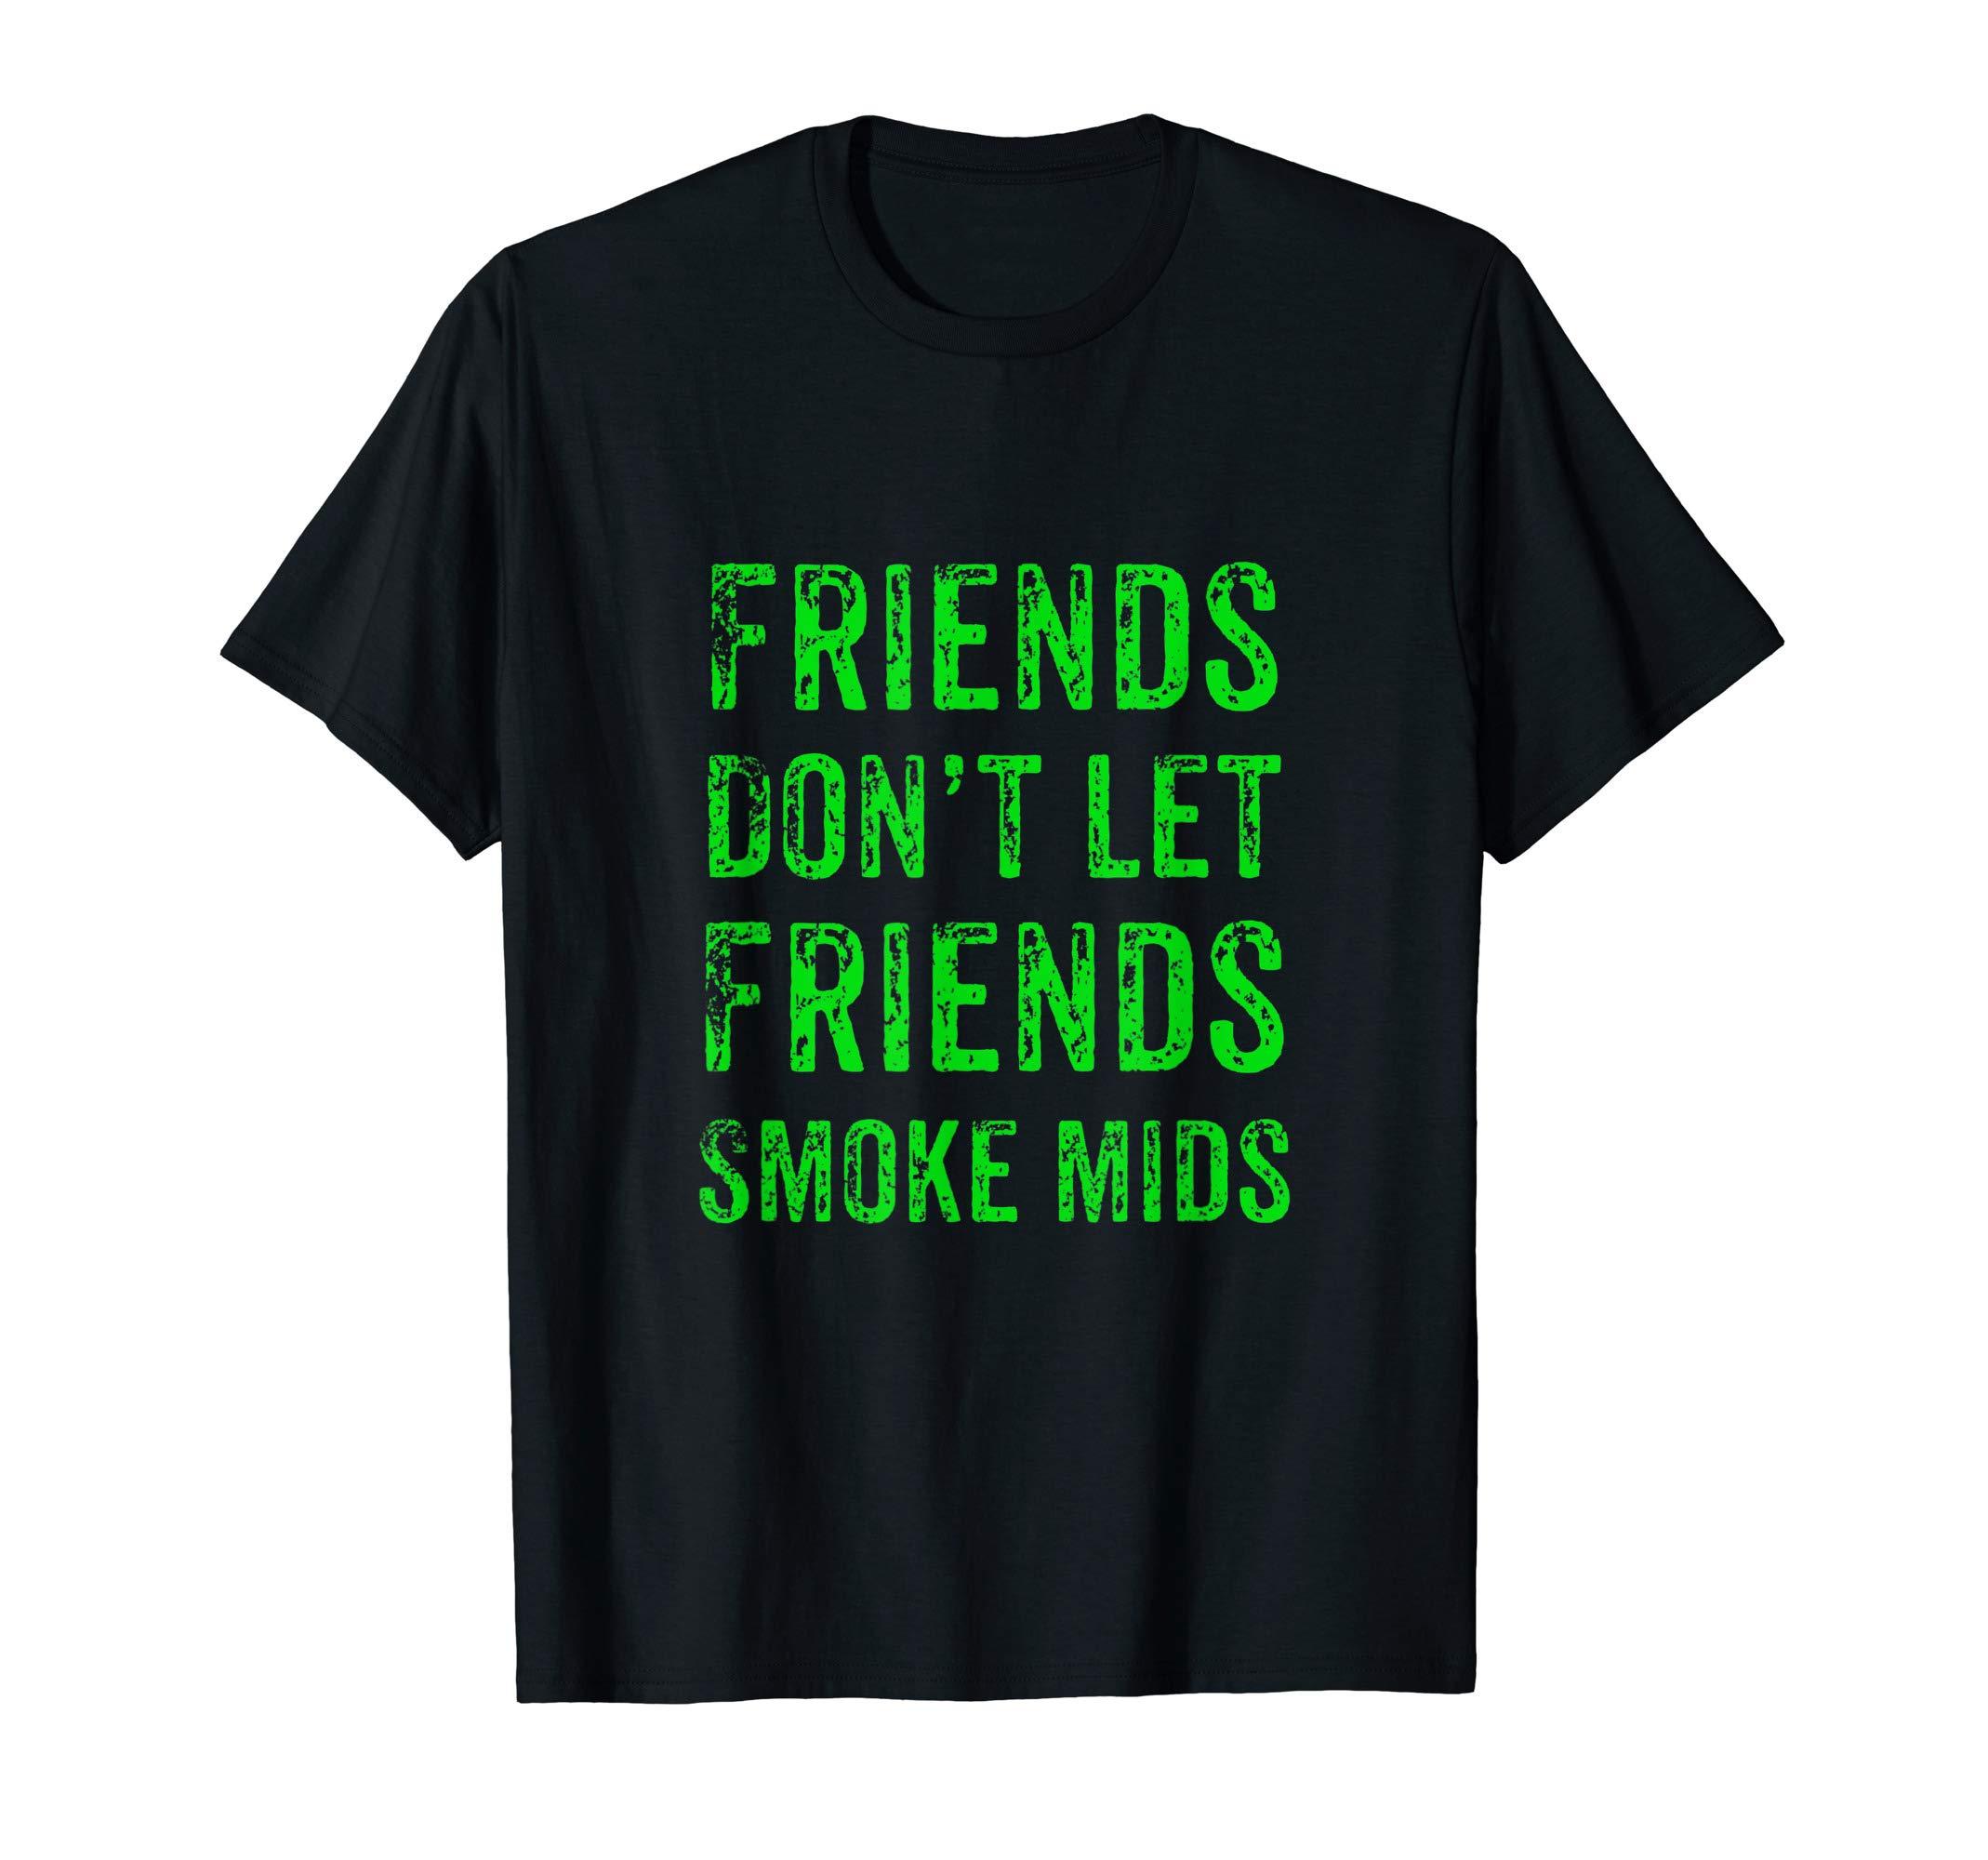 Marijuana Stoner Gift | Funny Smoke Mids Cannabis Weed Shirt T-Shirt